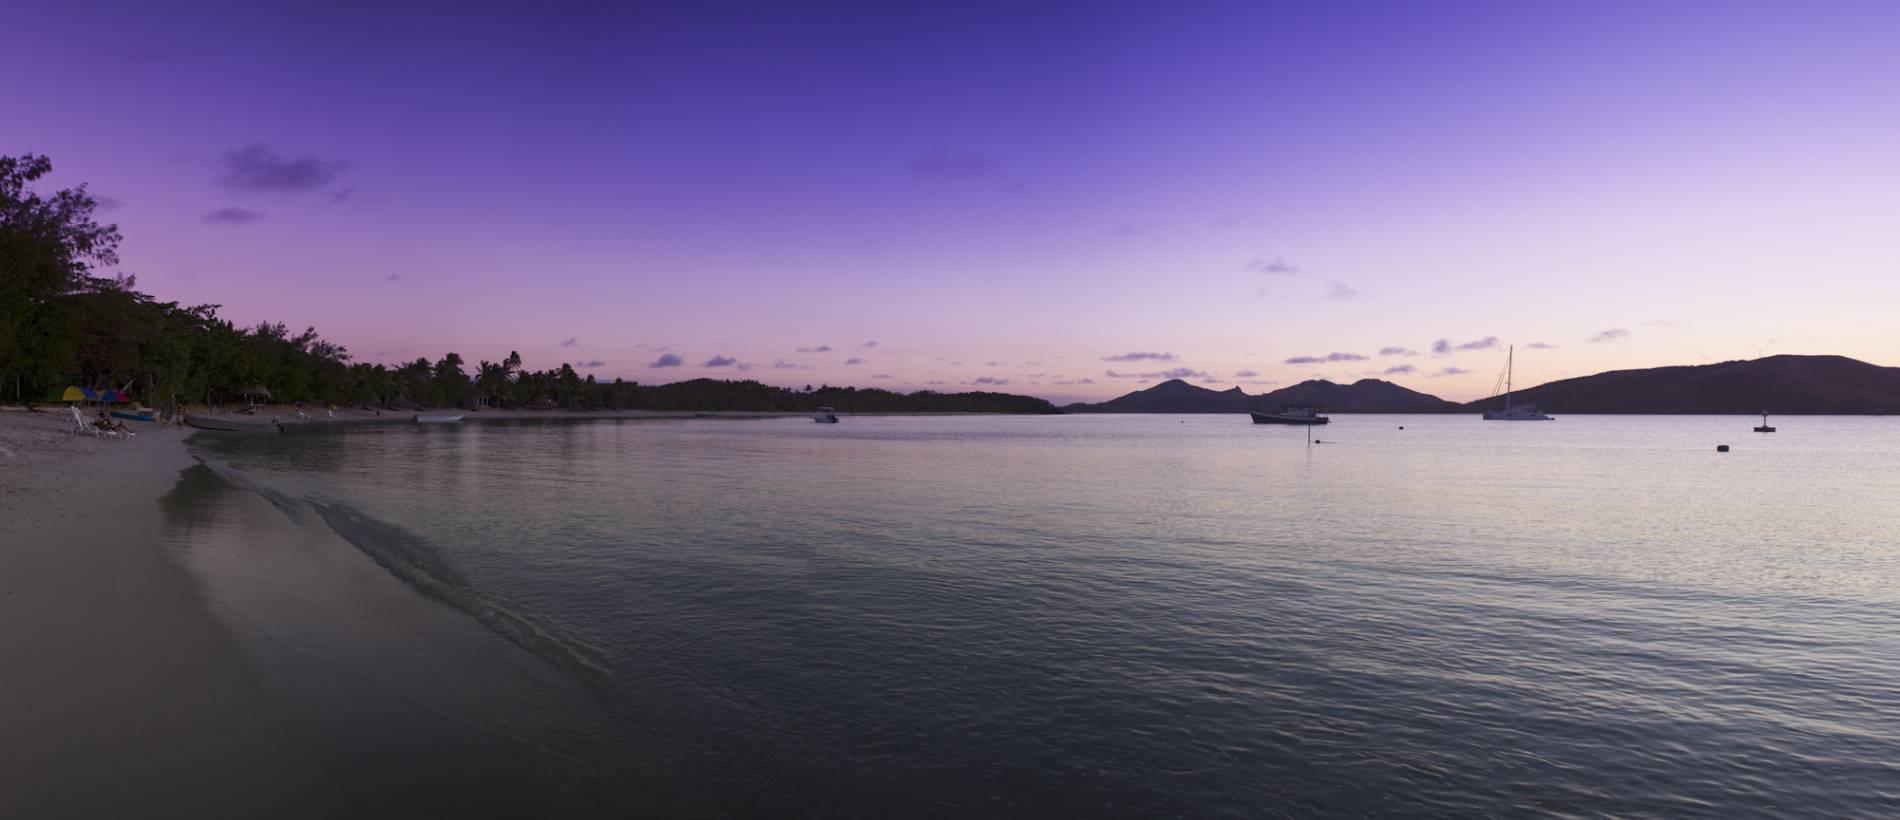 คู่มือ ท่องเที่ยว หมู่เกาะ ยาซาว่า